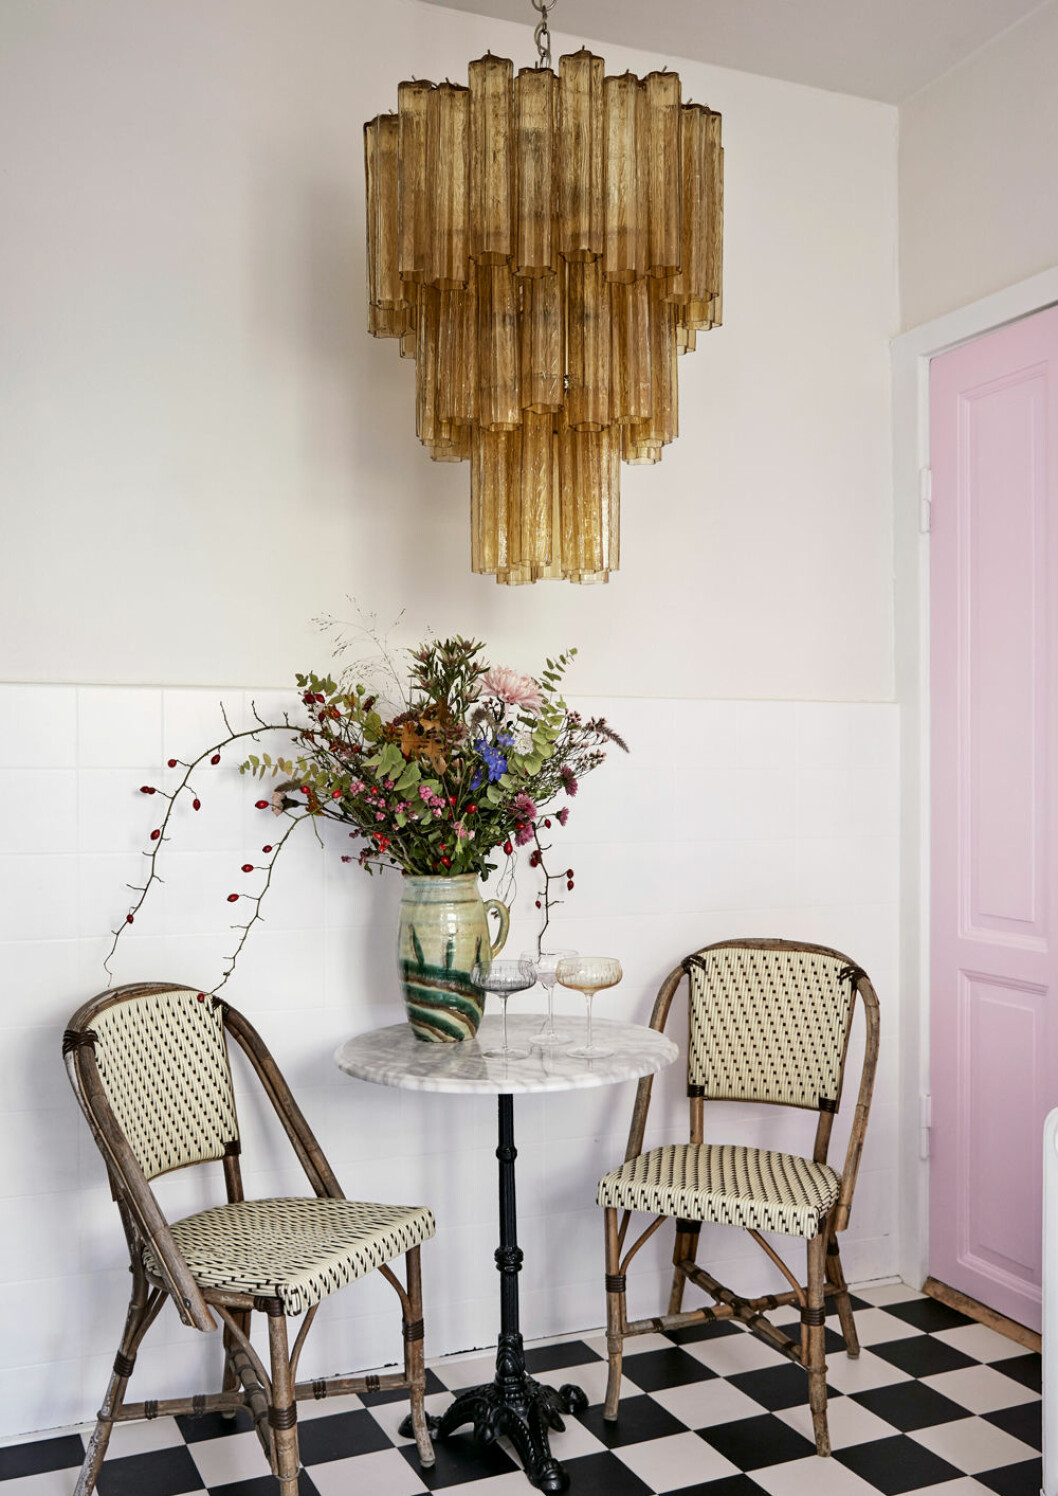 Hemma hos Emili Sindlev Köpenhamn lampa Murano